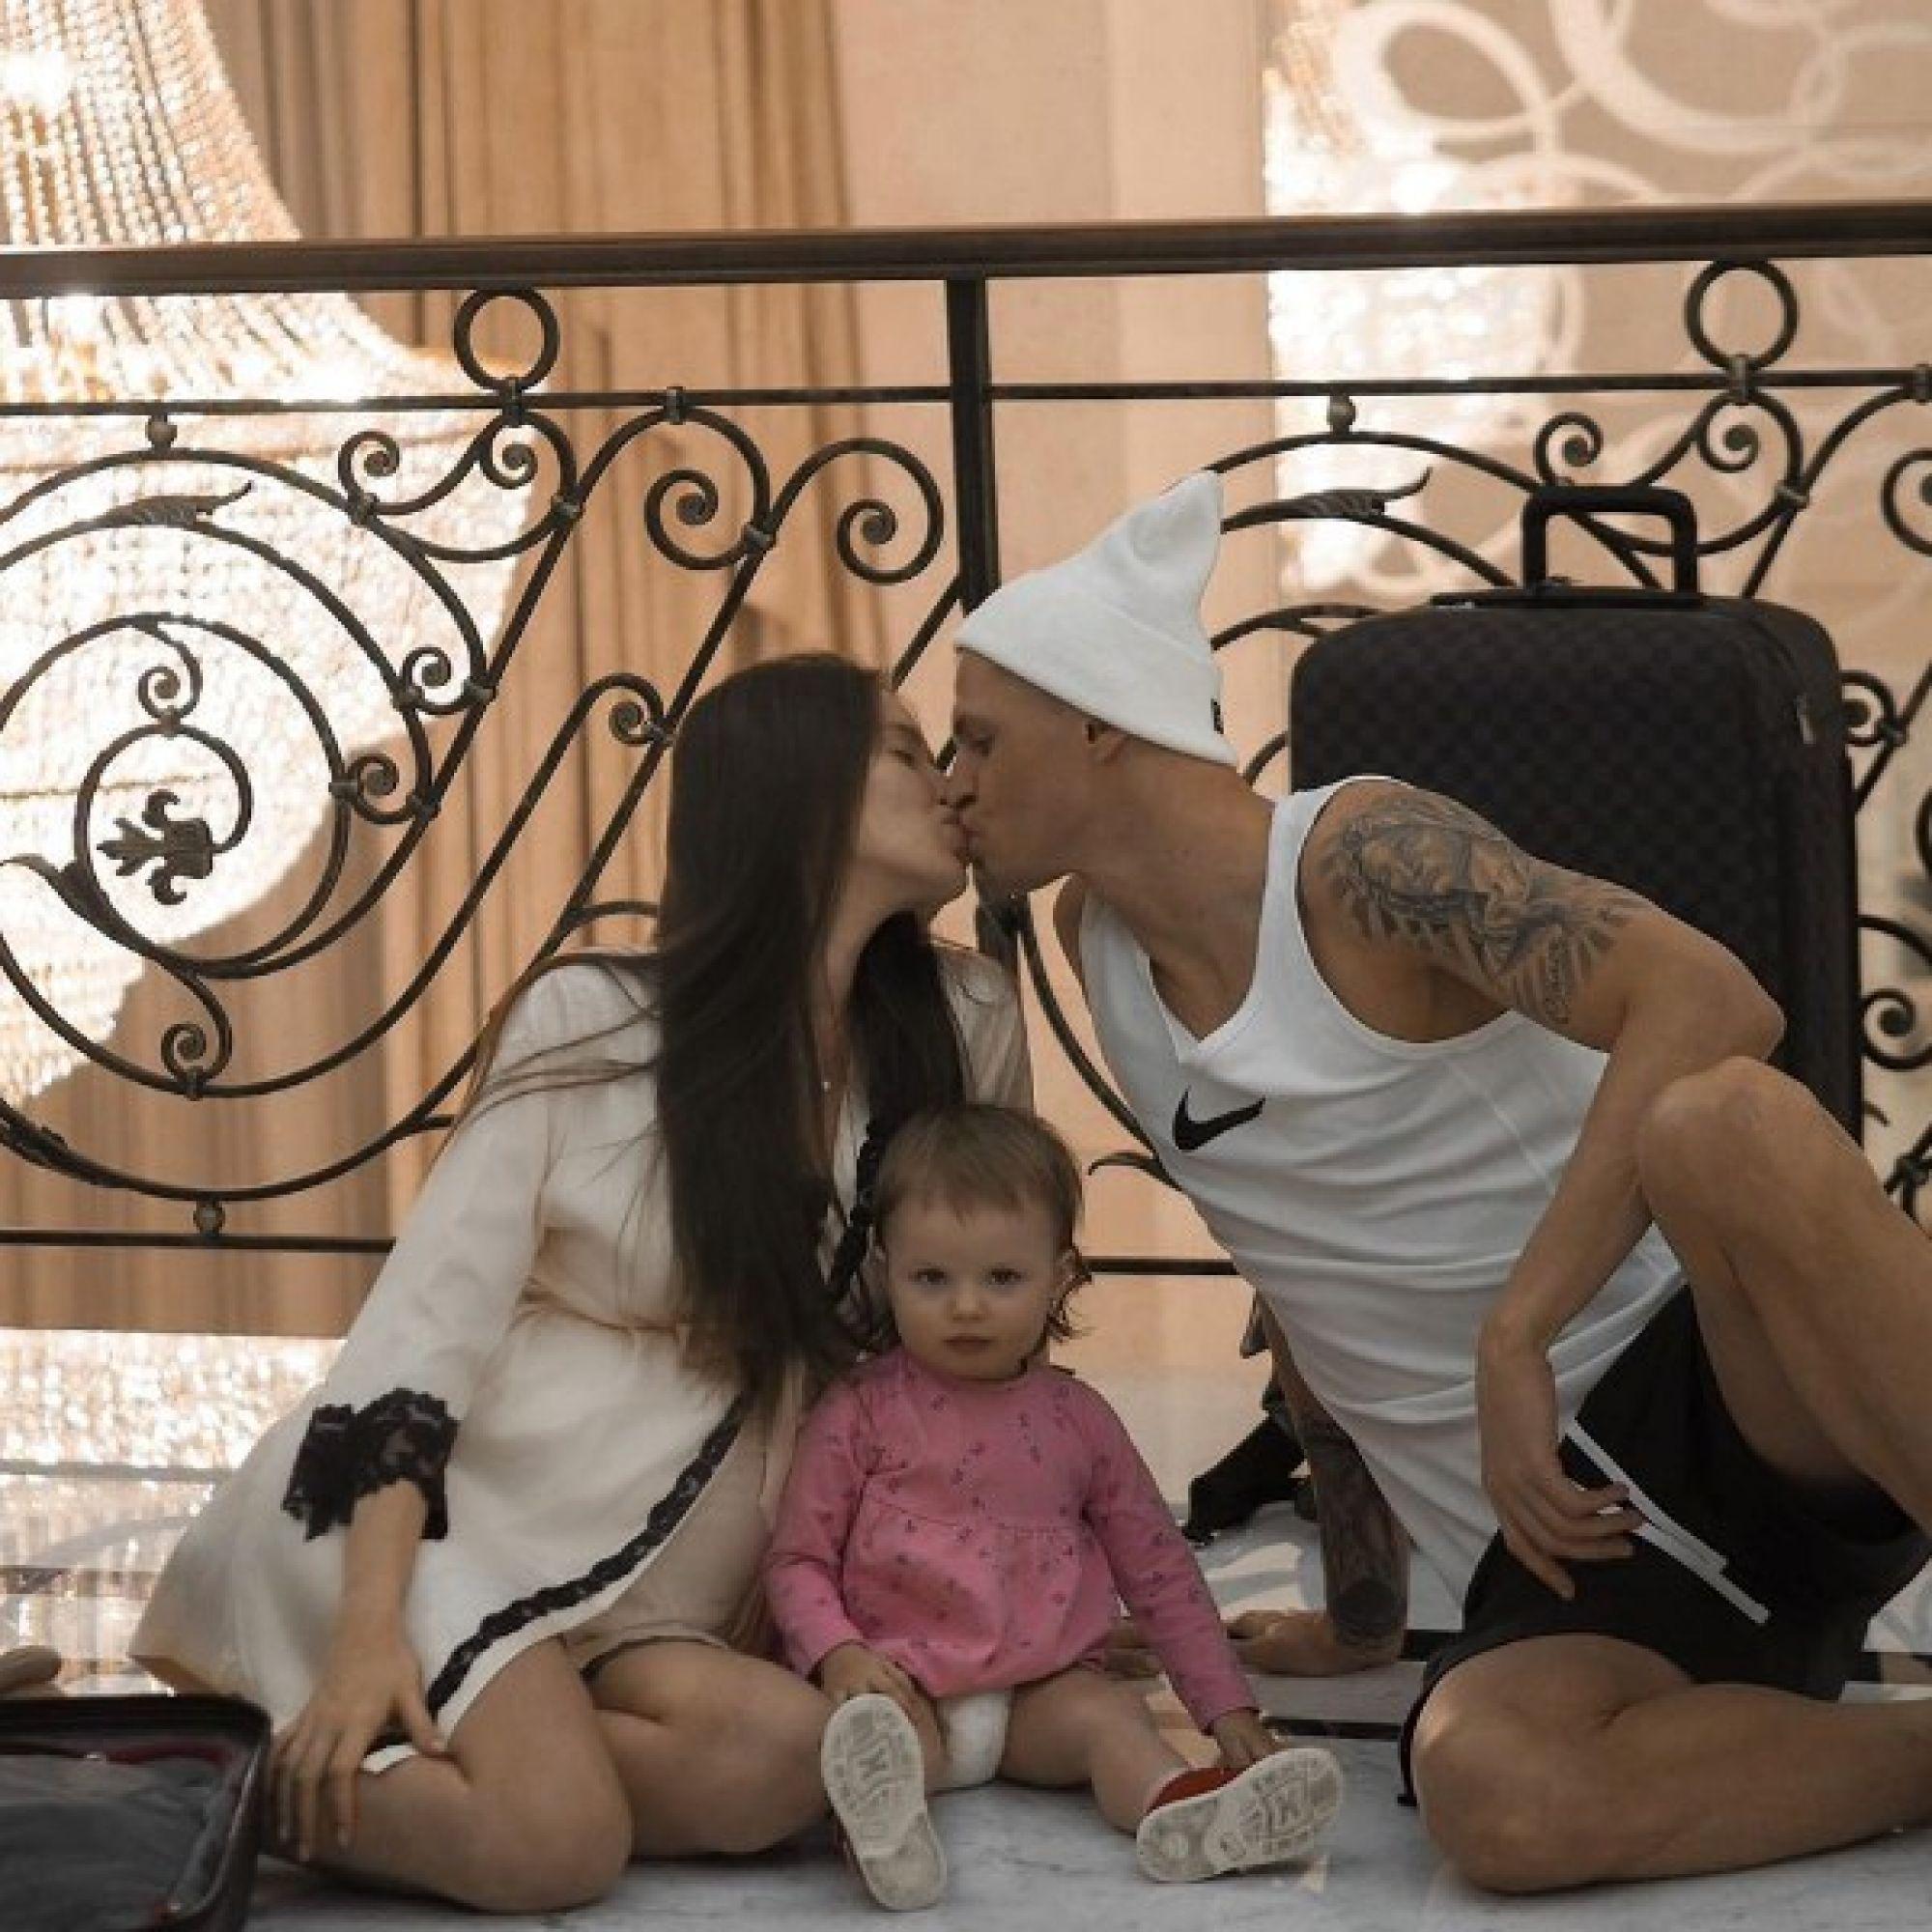 Анастасия Костенко родила вторую дочь от Дмитрия Тарасова